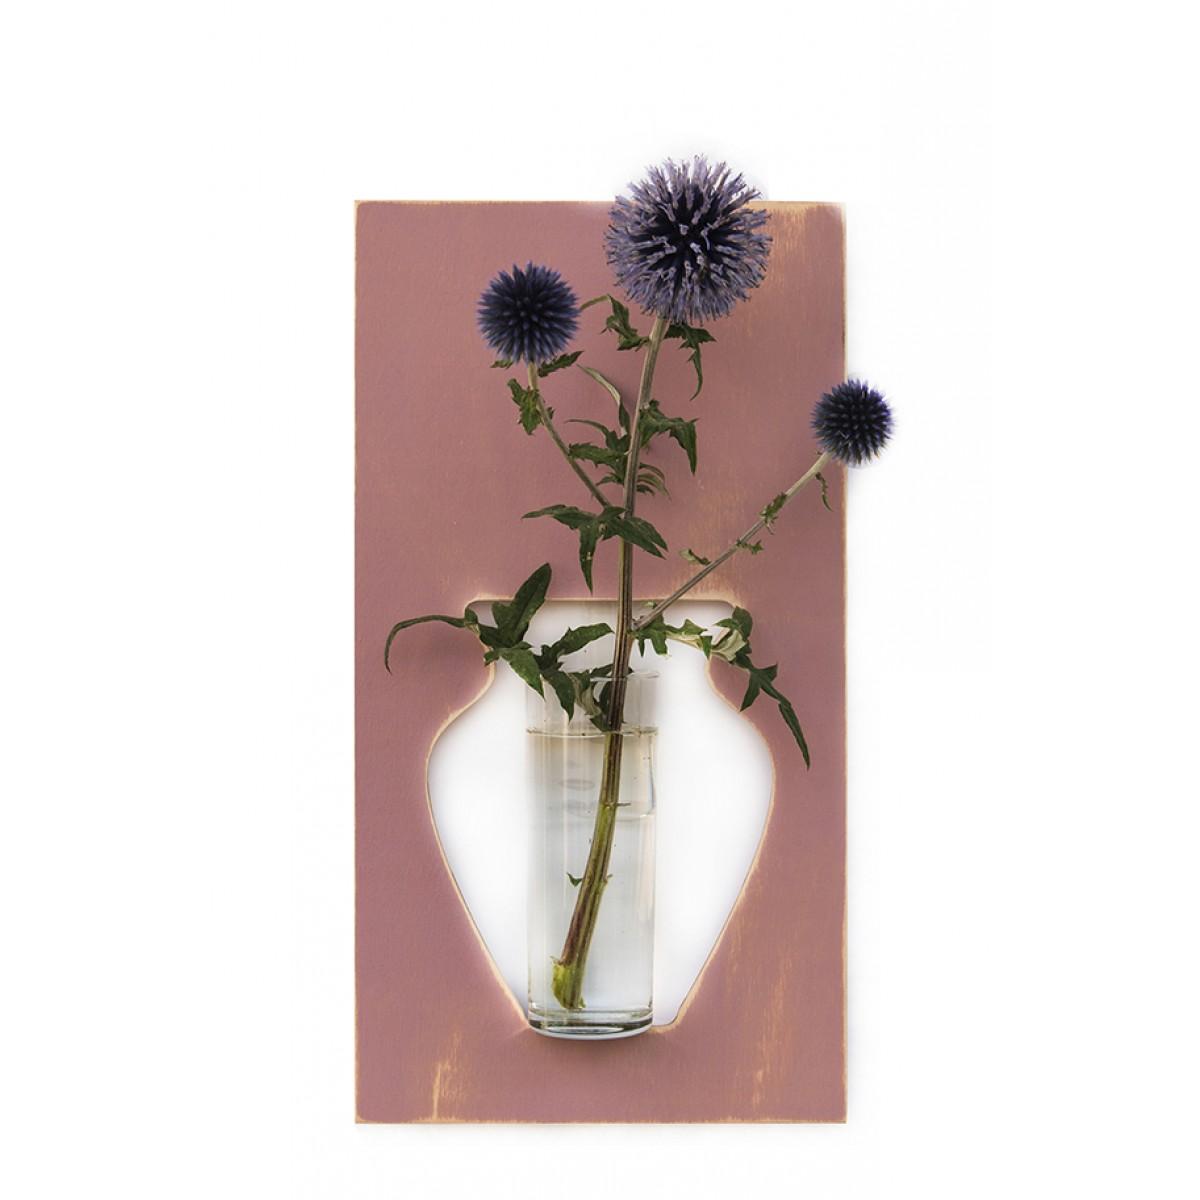 Wandvase flortrait vintage altrosa